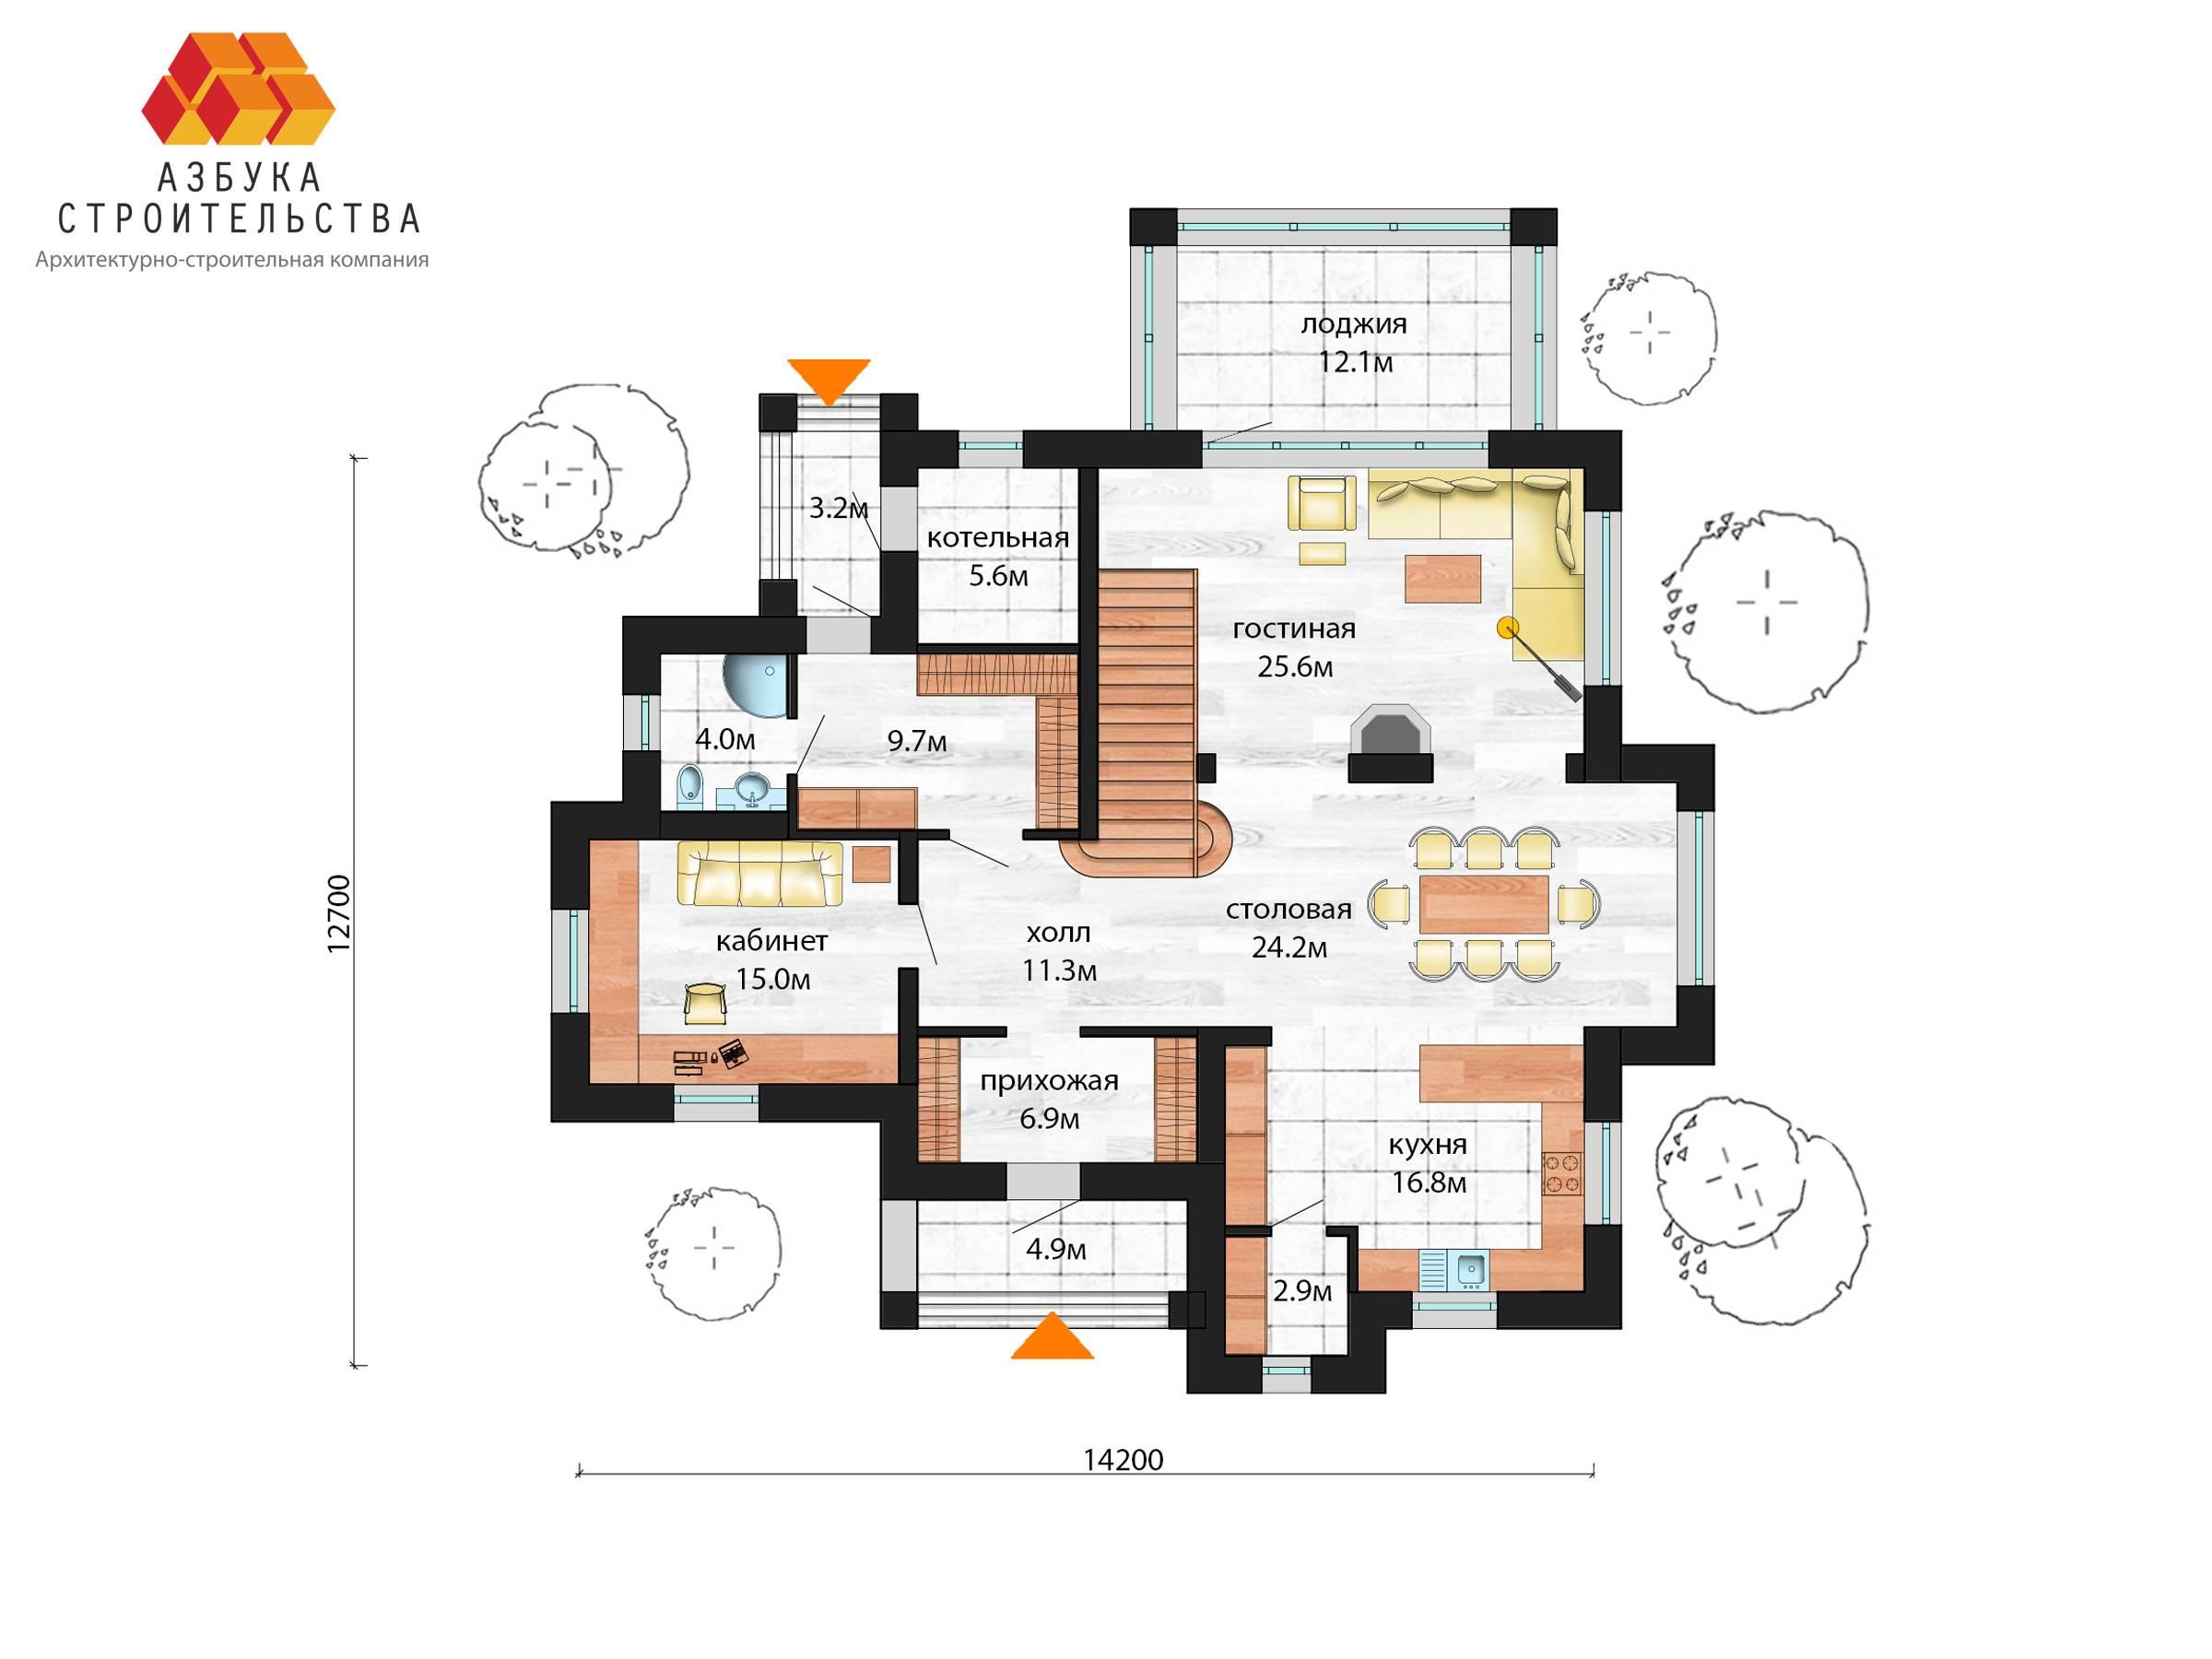 План 1 этажа проекта Г-АБ-298